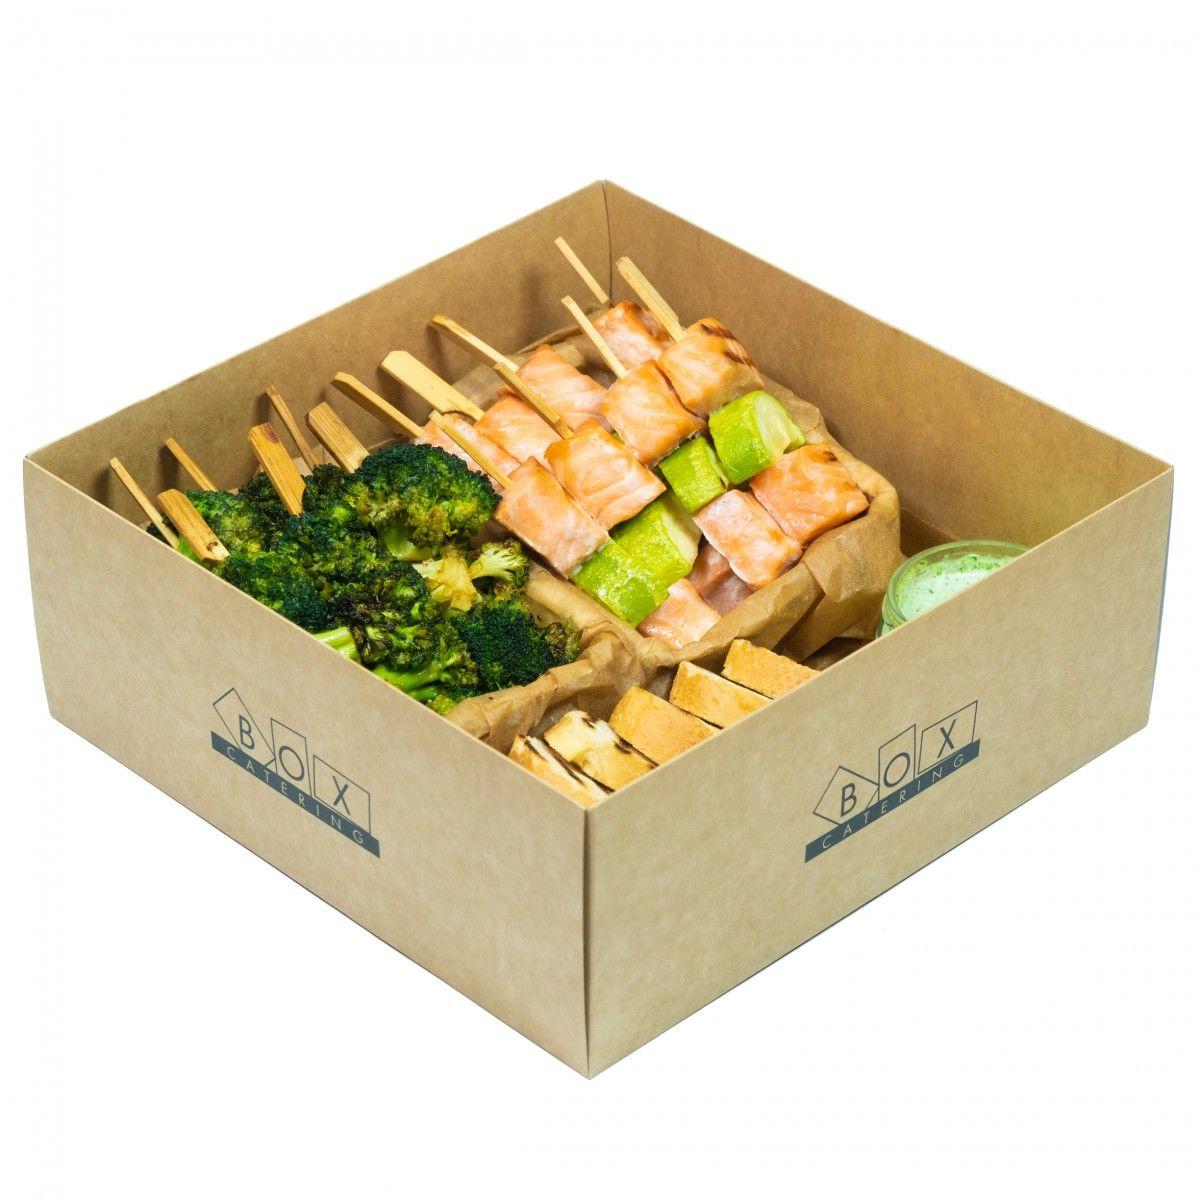 Hot Fish лосось smart box фото 3